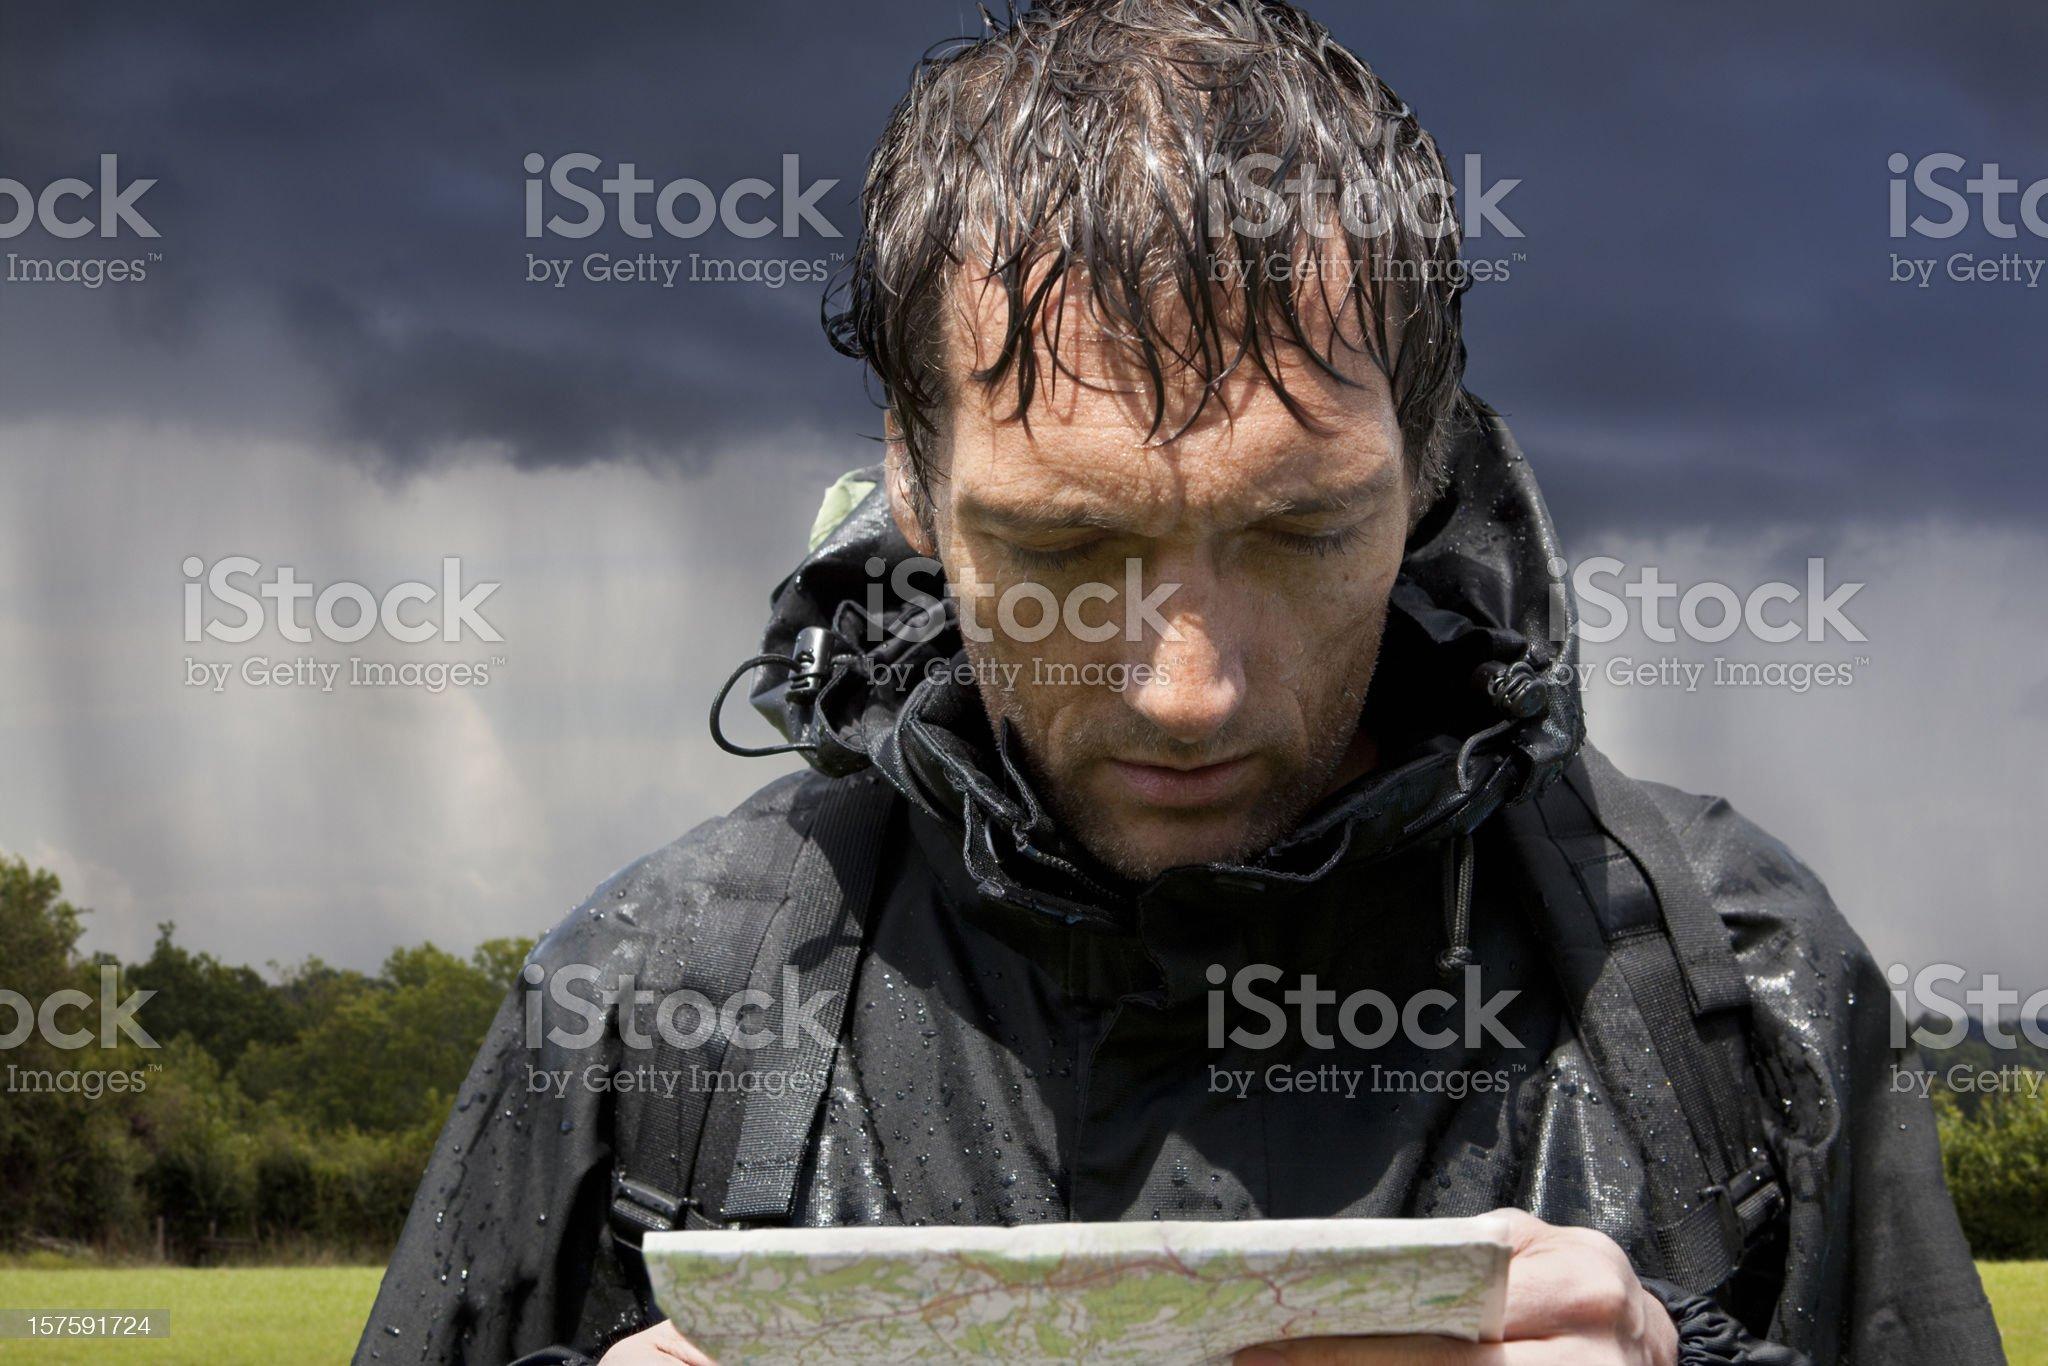 Rain Soaked Hiker Looking at Map royalty-free stock photo